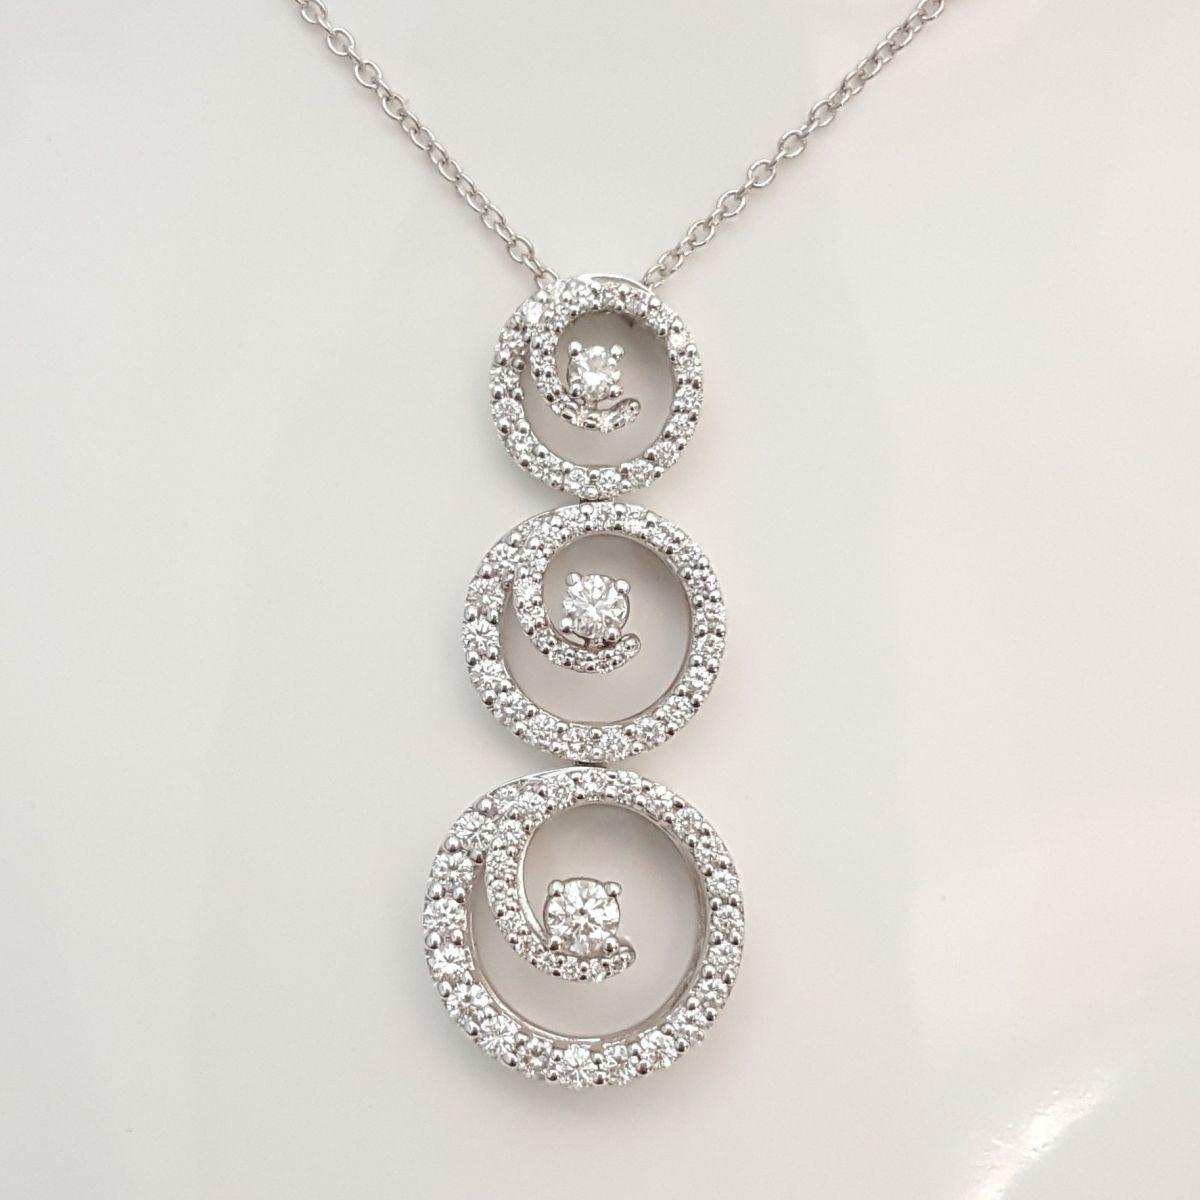 Collana Davite & Delucchi CLN010636 05 in Oro Bianco con Diamanti